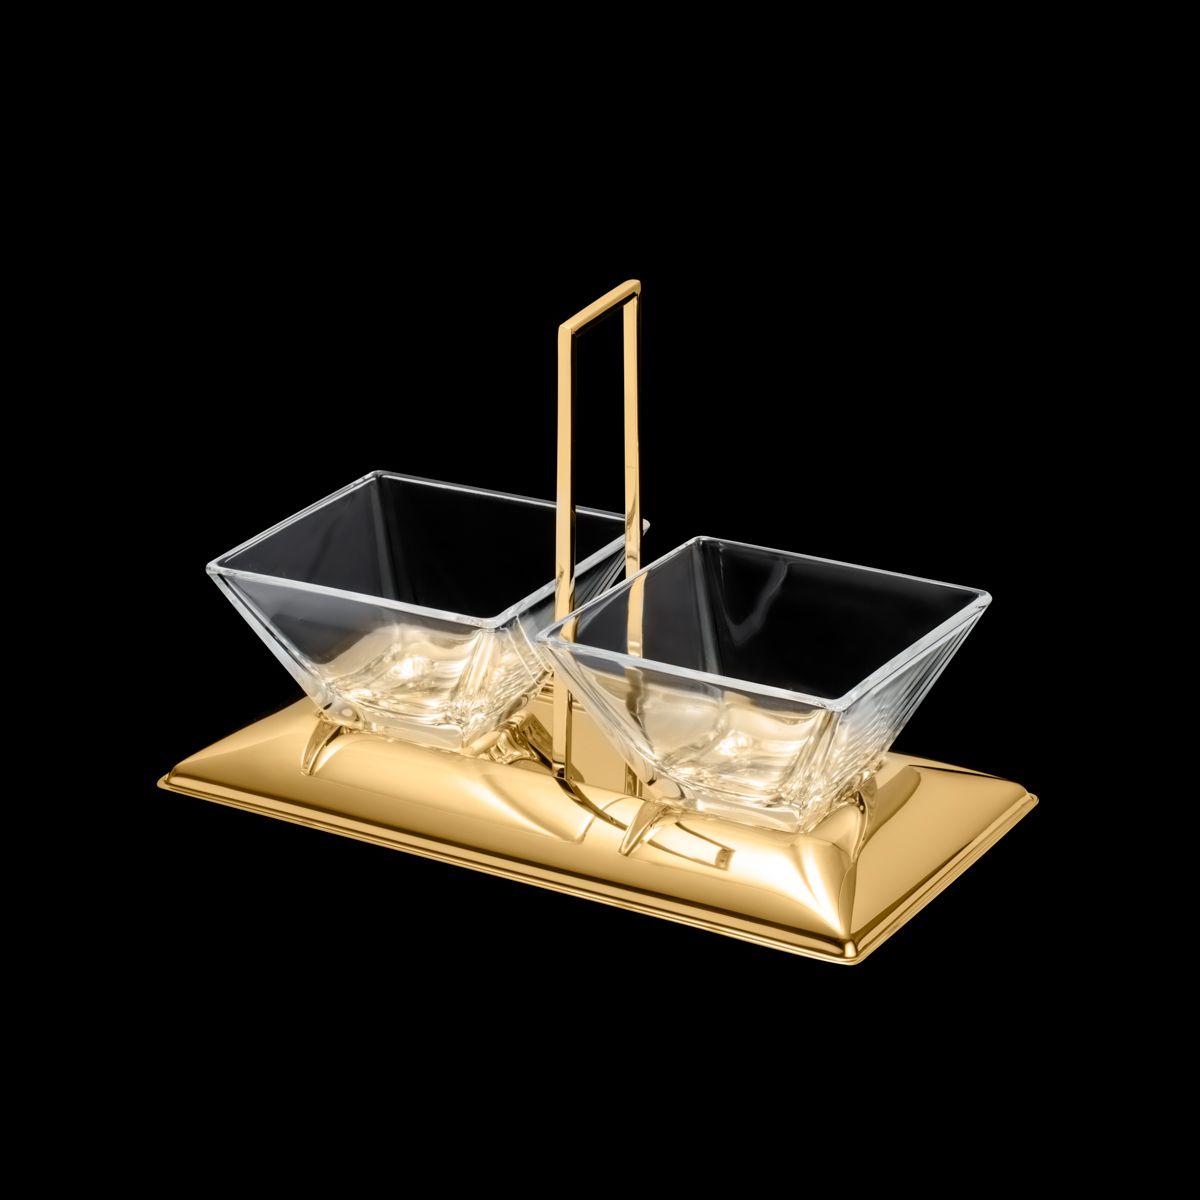 Petisqueira dupla de vidro e suporte com alça de aço inox dourado Torcello Wolff - 87877